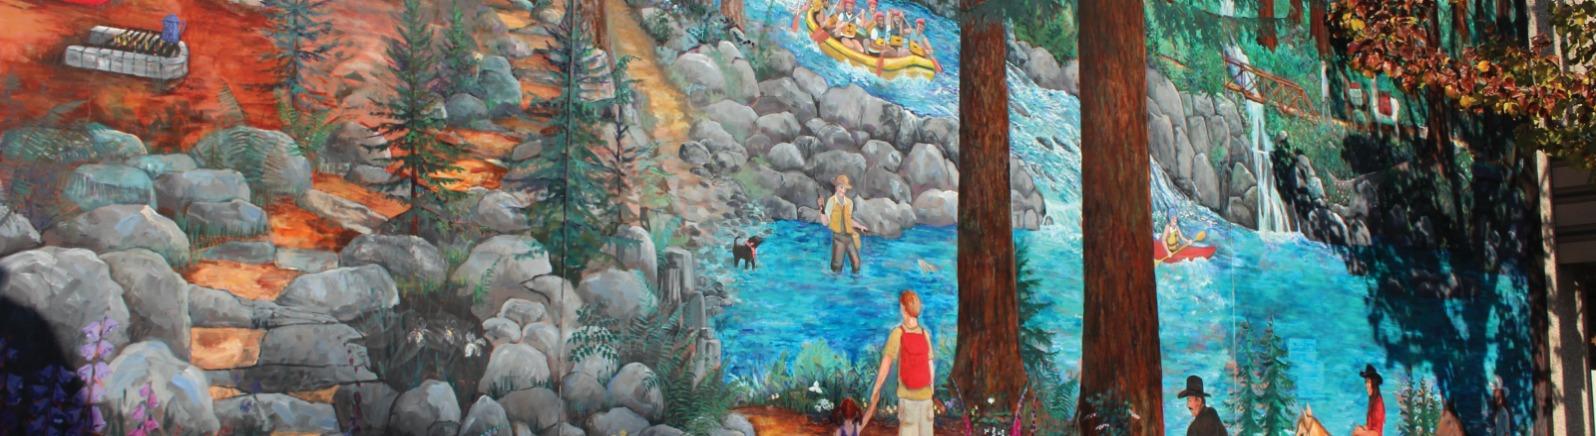 Happy Trails mural, Estacada